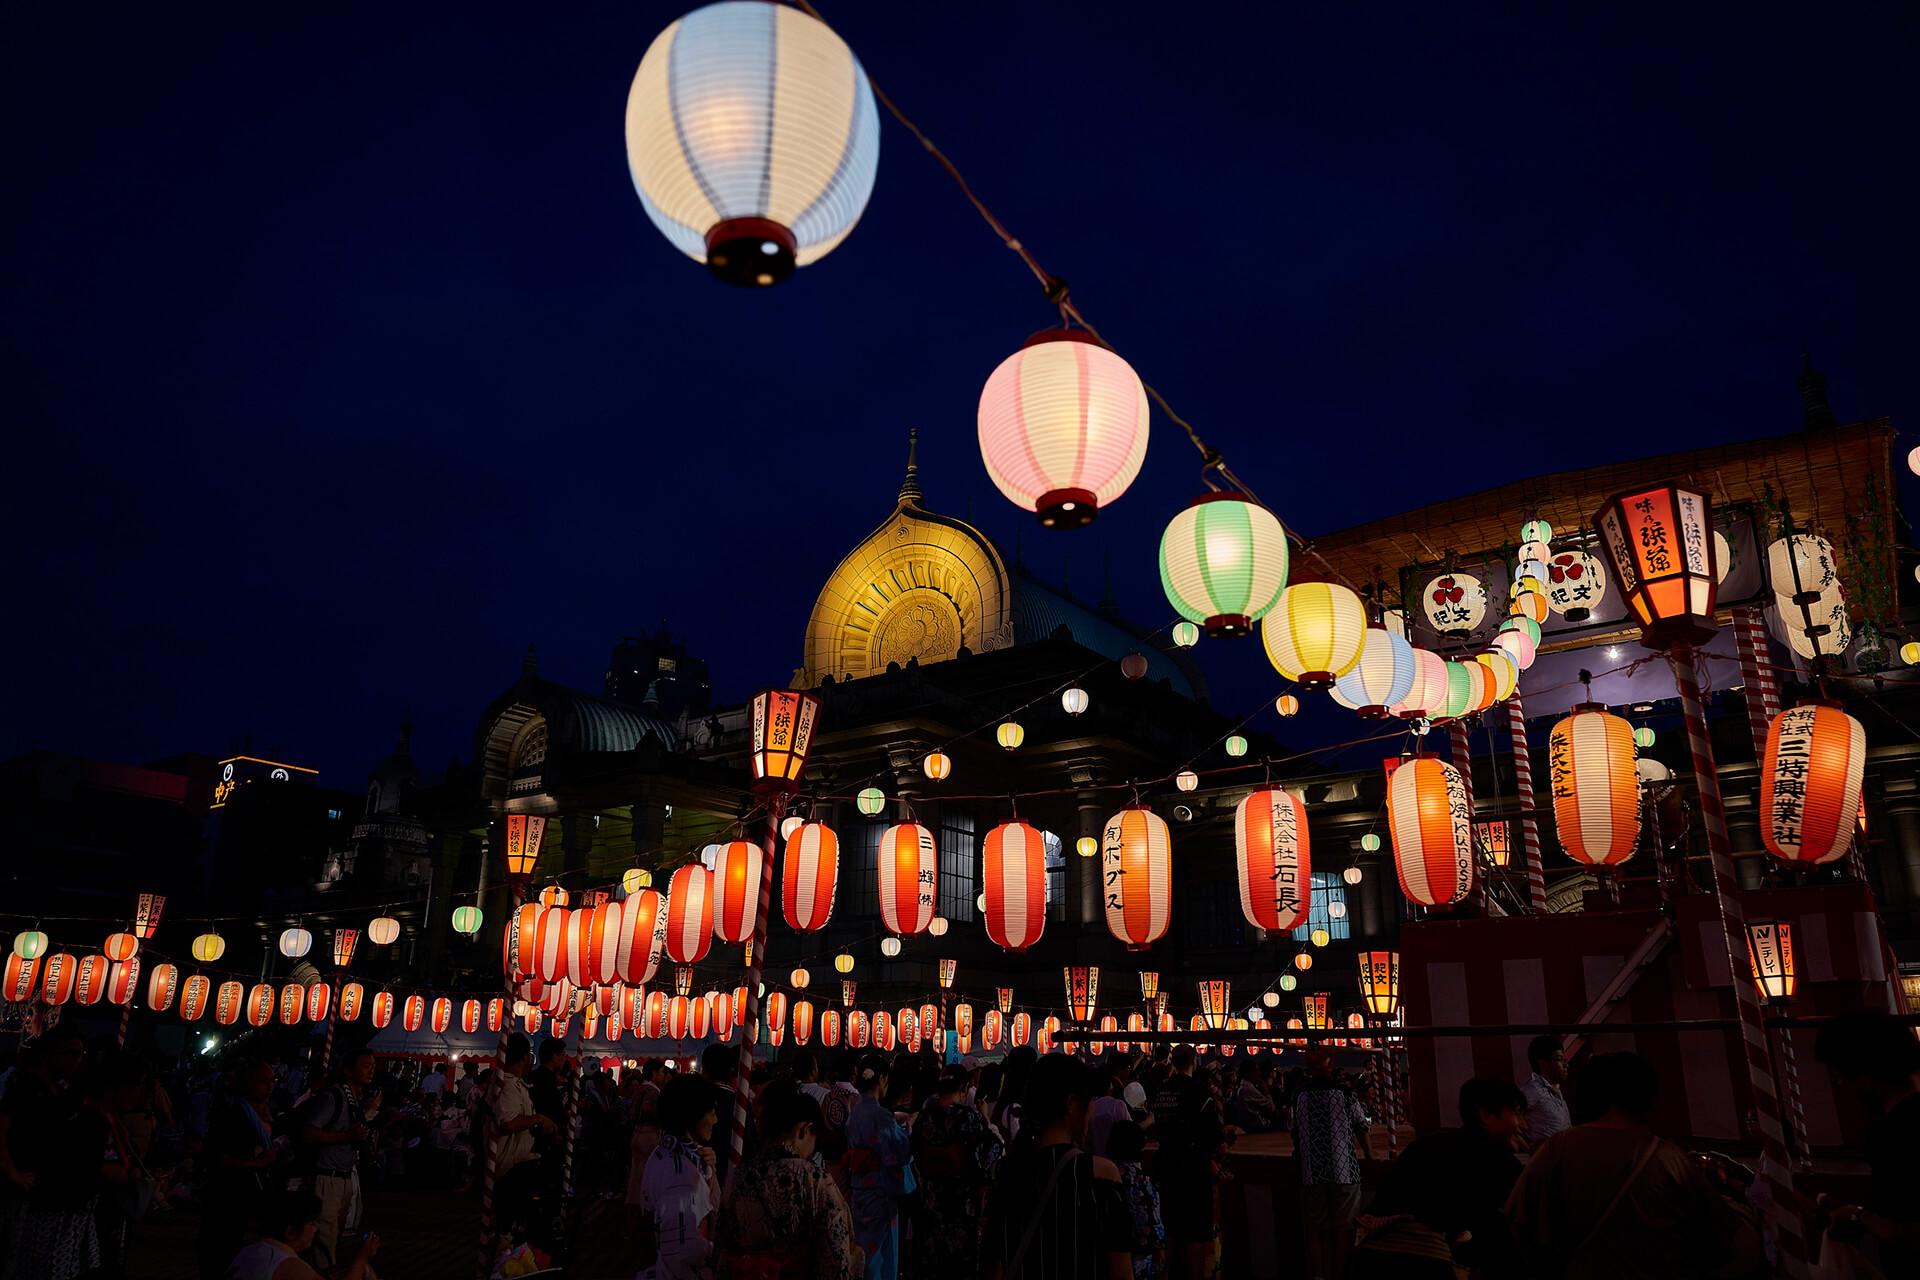 この写真は、築地本願寺『納涼盆踊り大会』のイメージ。提灯が沢山連なっているいる様子です